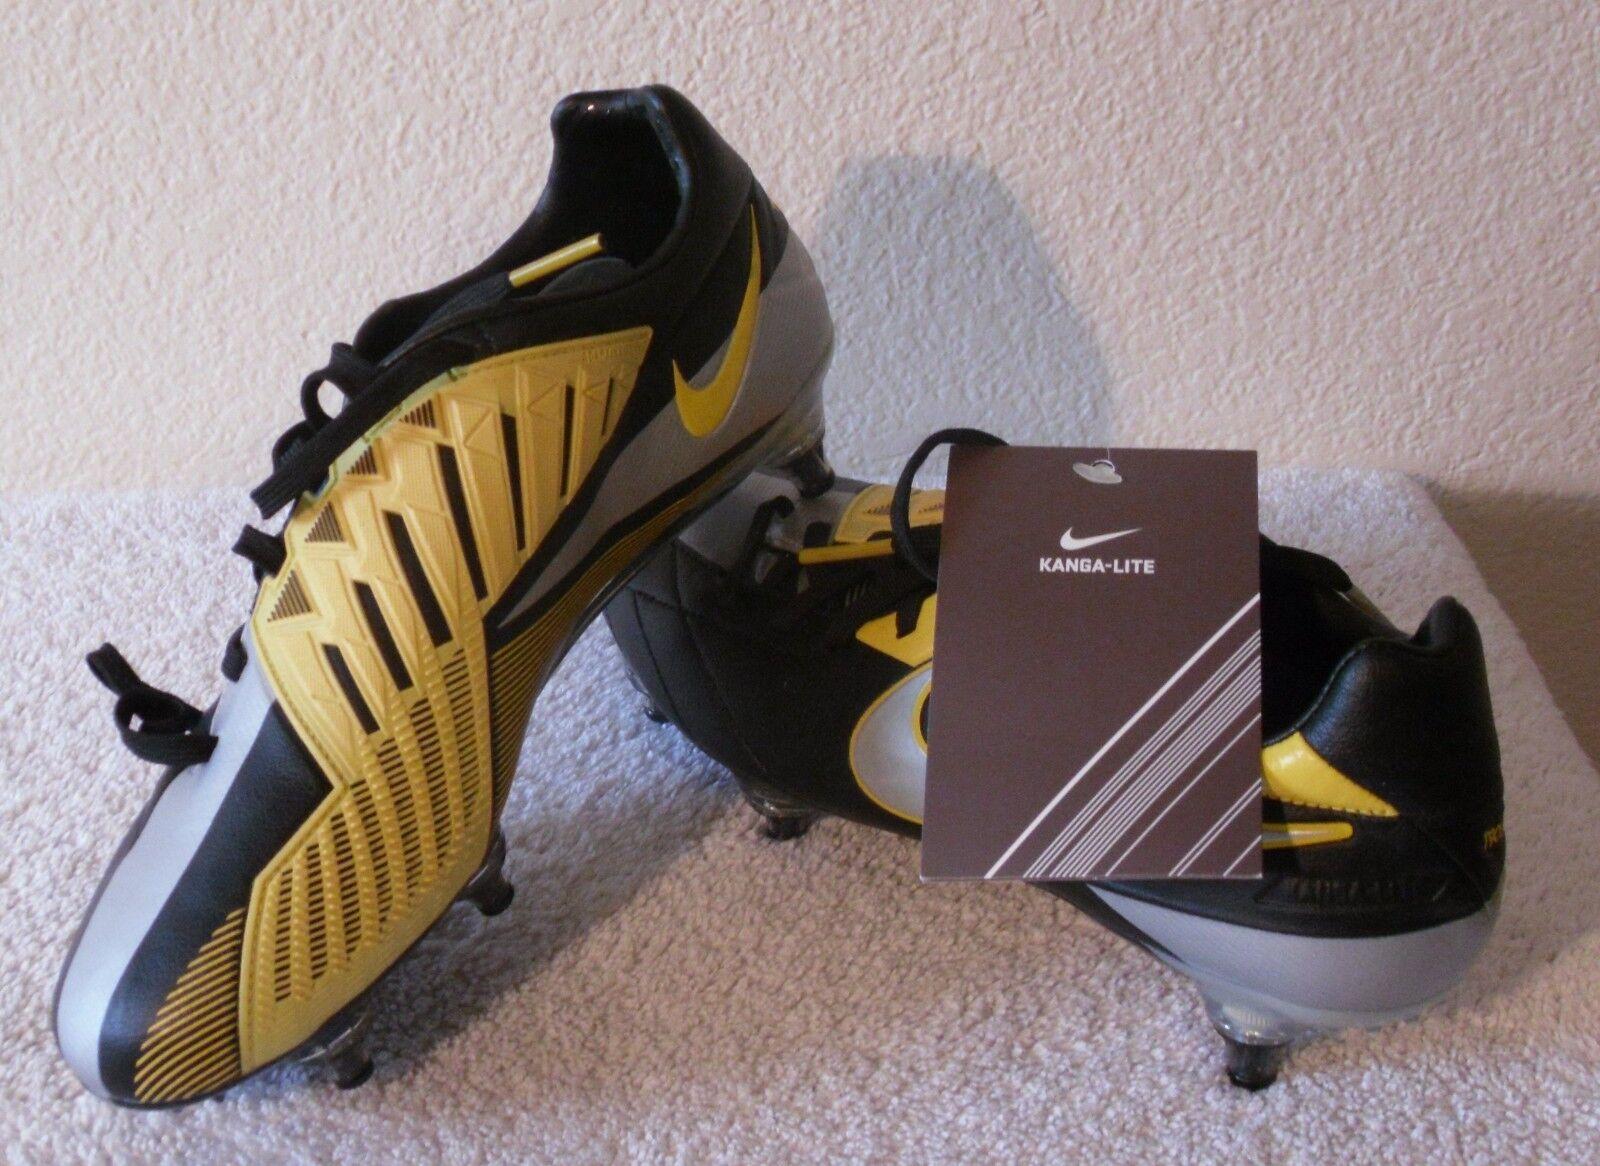 Nuevo Con Etiquetas Nike T90 Láser IV Kl-SG Hombre Botines De Fútbol 6 Negro Amarillo MSRP  220